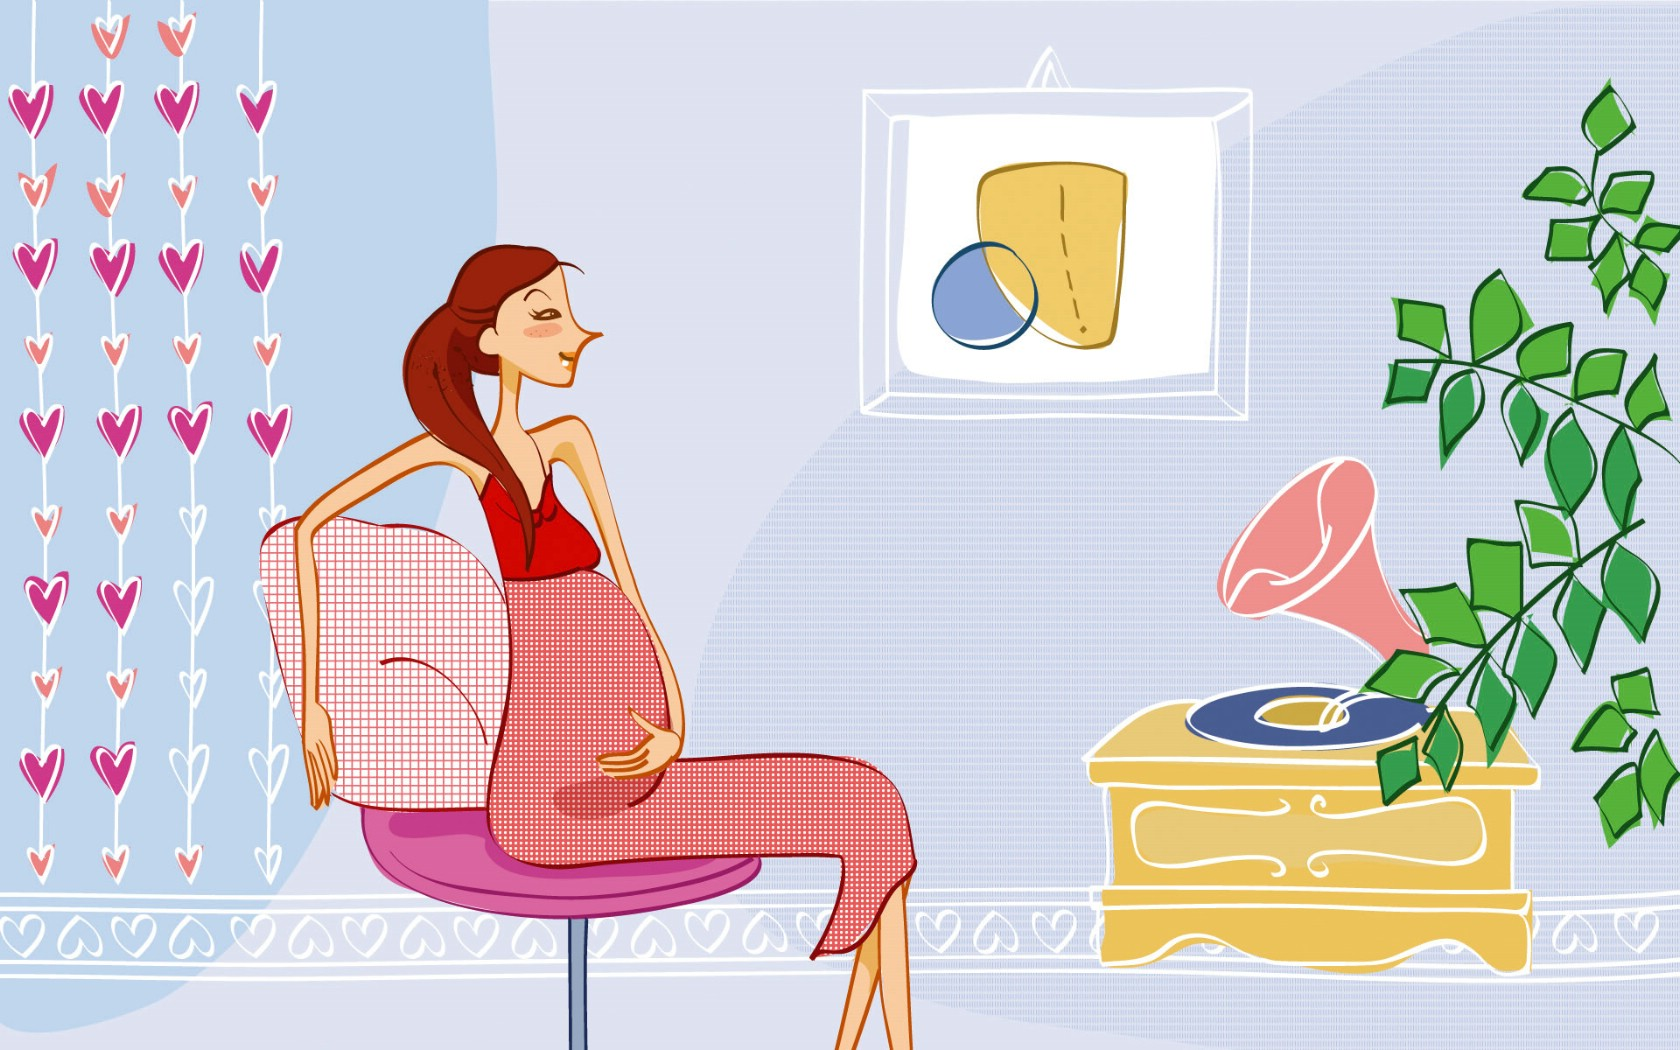 壁纸1680×1050矢量时尚女孩 12 16壁纸 矢量时尚女孩壁纸图片矢量壁纸矢量图片素材桌面壁纸